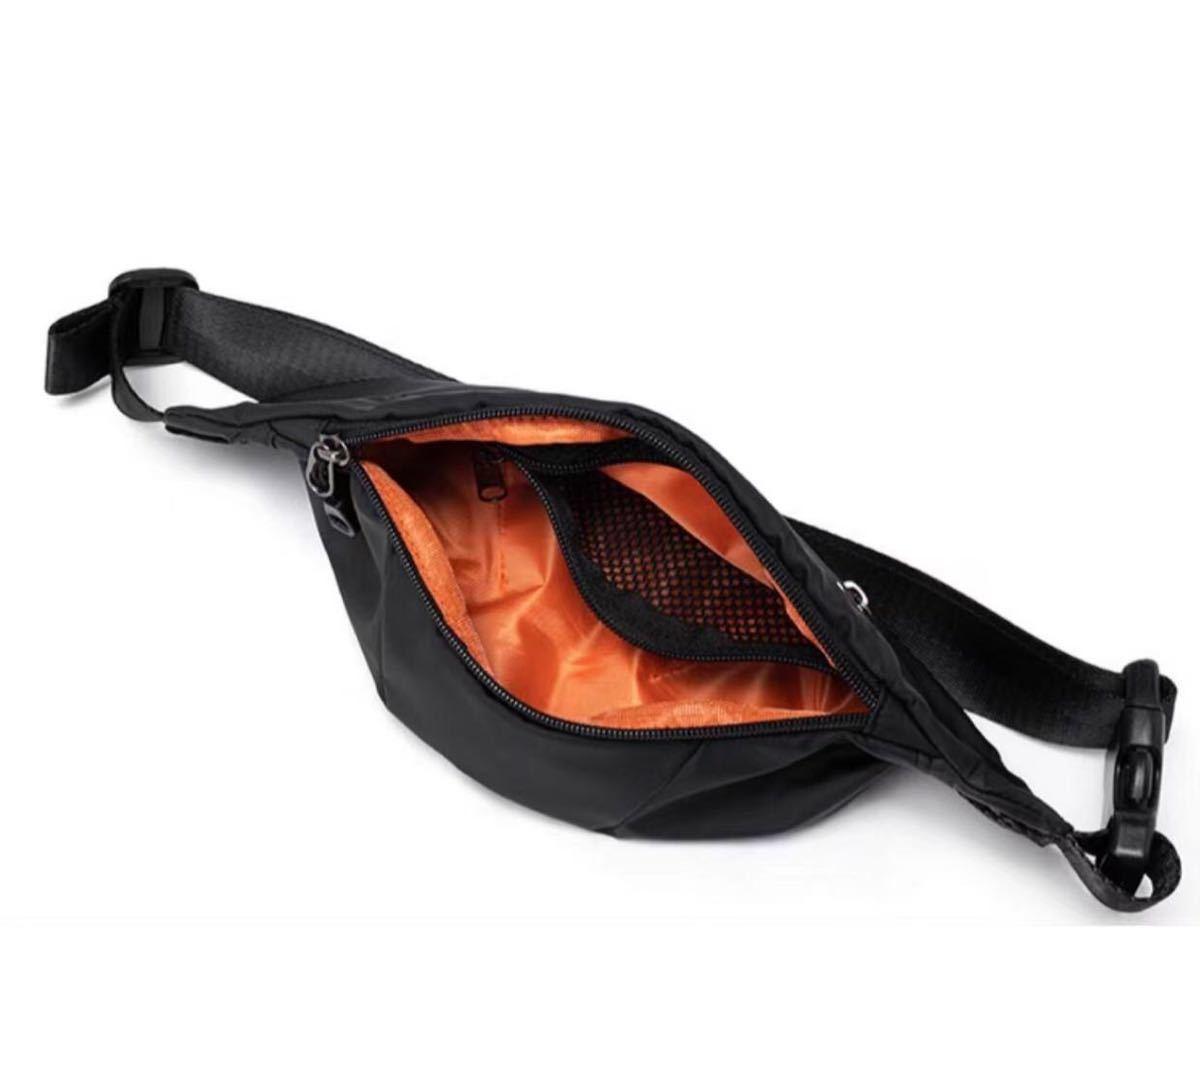 ウエストバッグ ウエストポーチ ボディバッグ BLACK 黒 防水加工 男女兼用 ナイロン 高品質 頑丈 ブラック